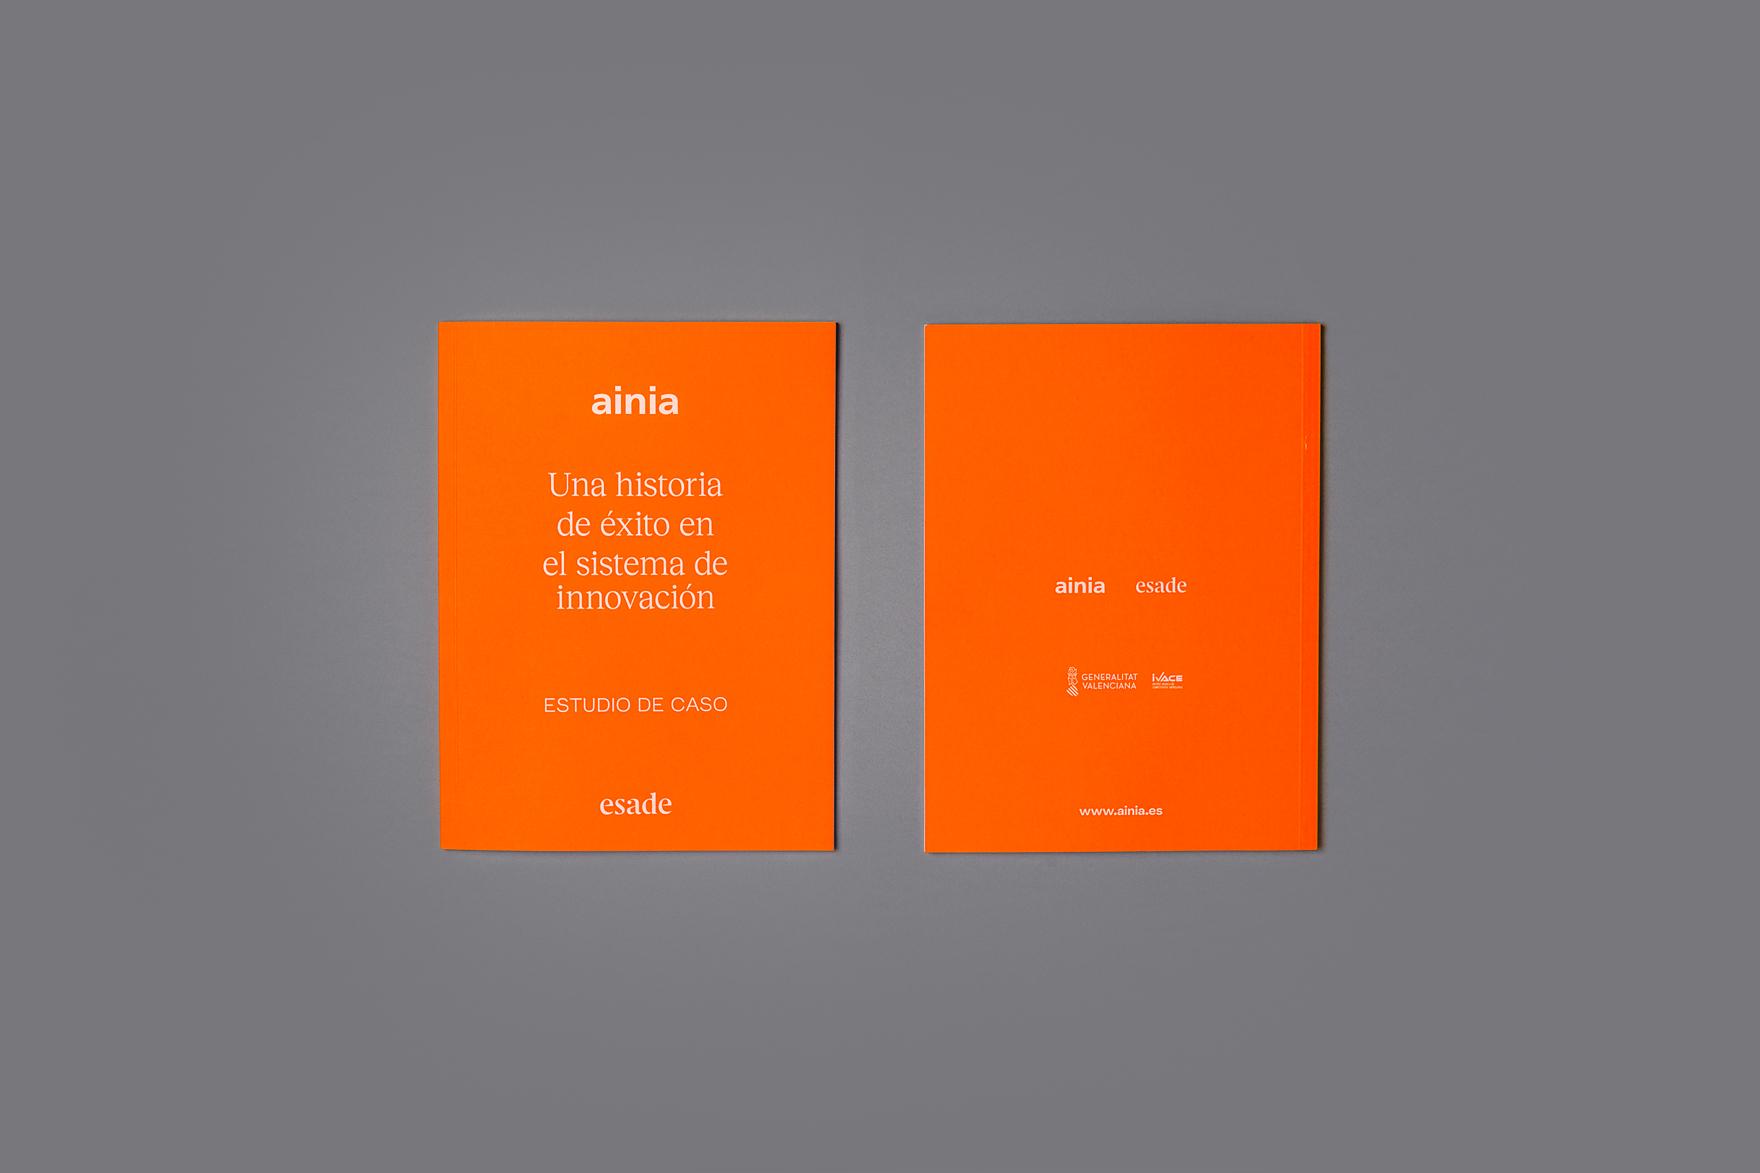 editorial-ainia-estiu-18x